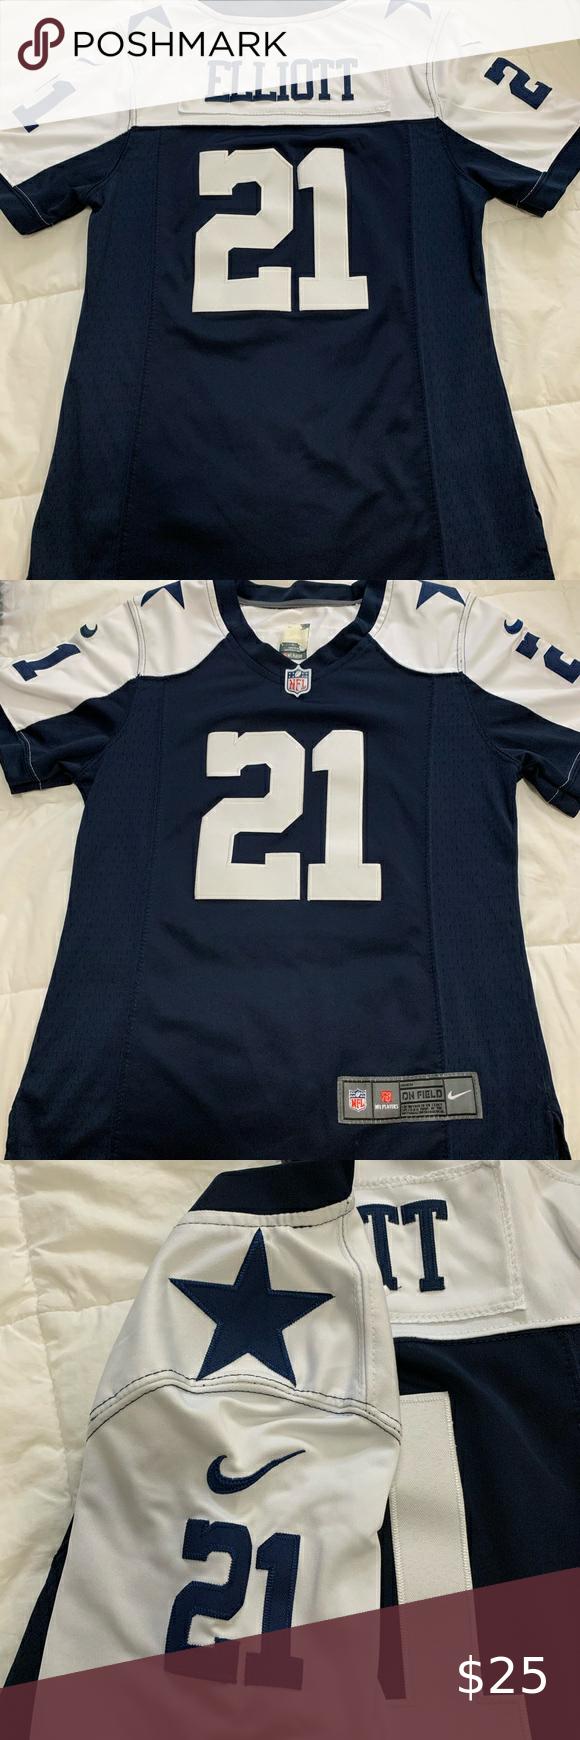 Ezekiel Elliot women's jersey in 2020 Womens jersey